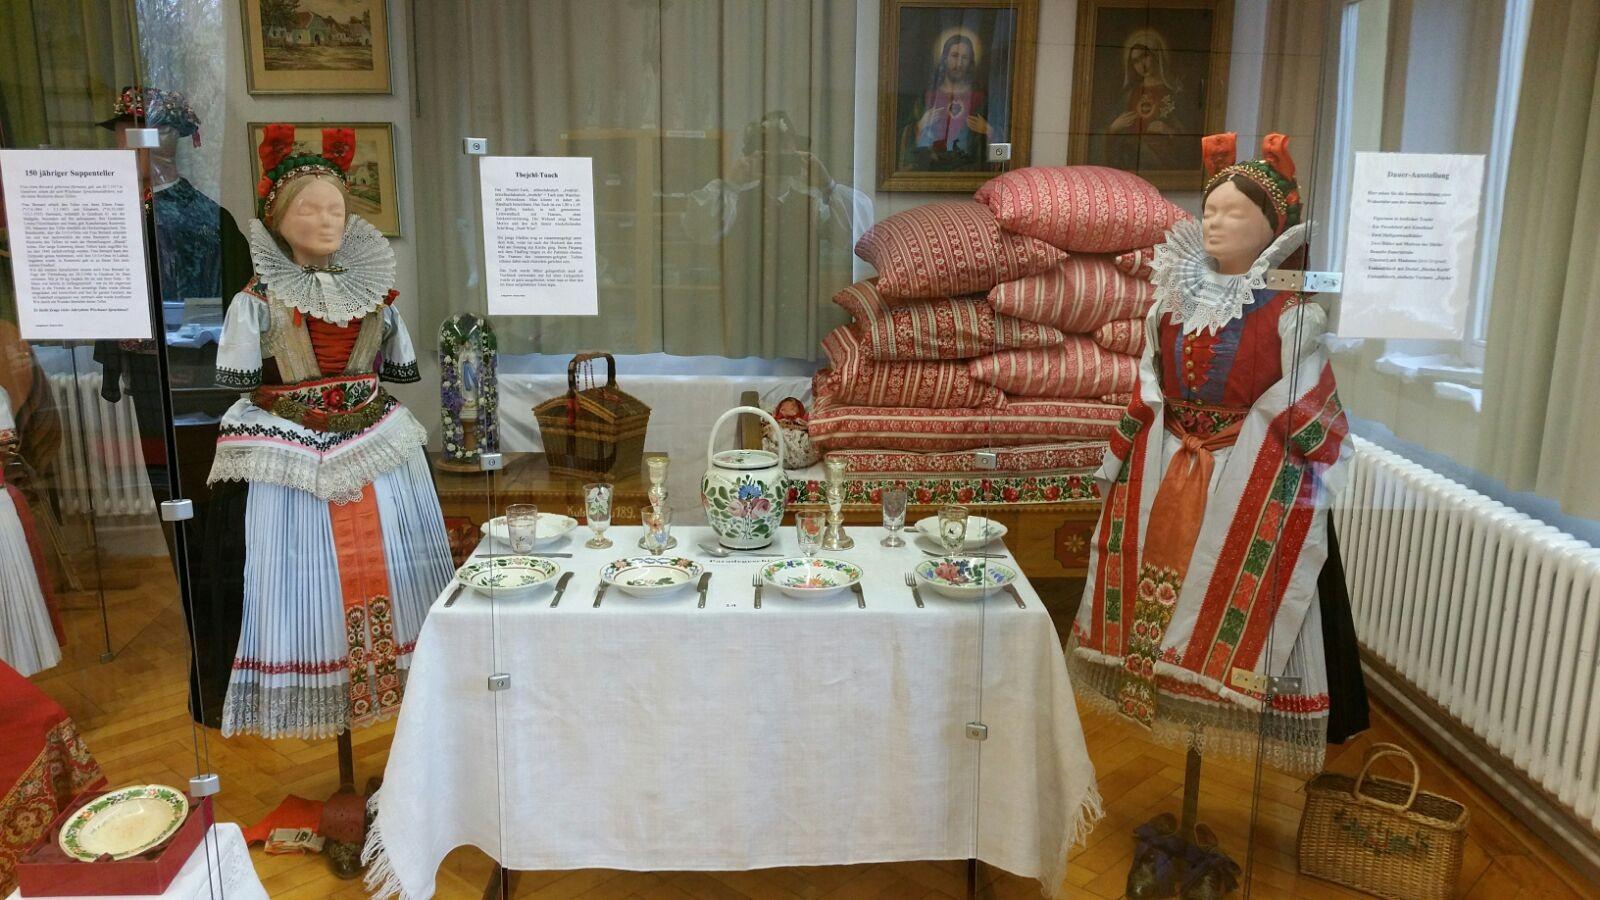 Festlicher Tisch und Paradebett